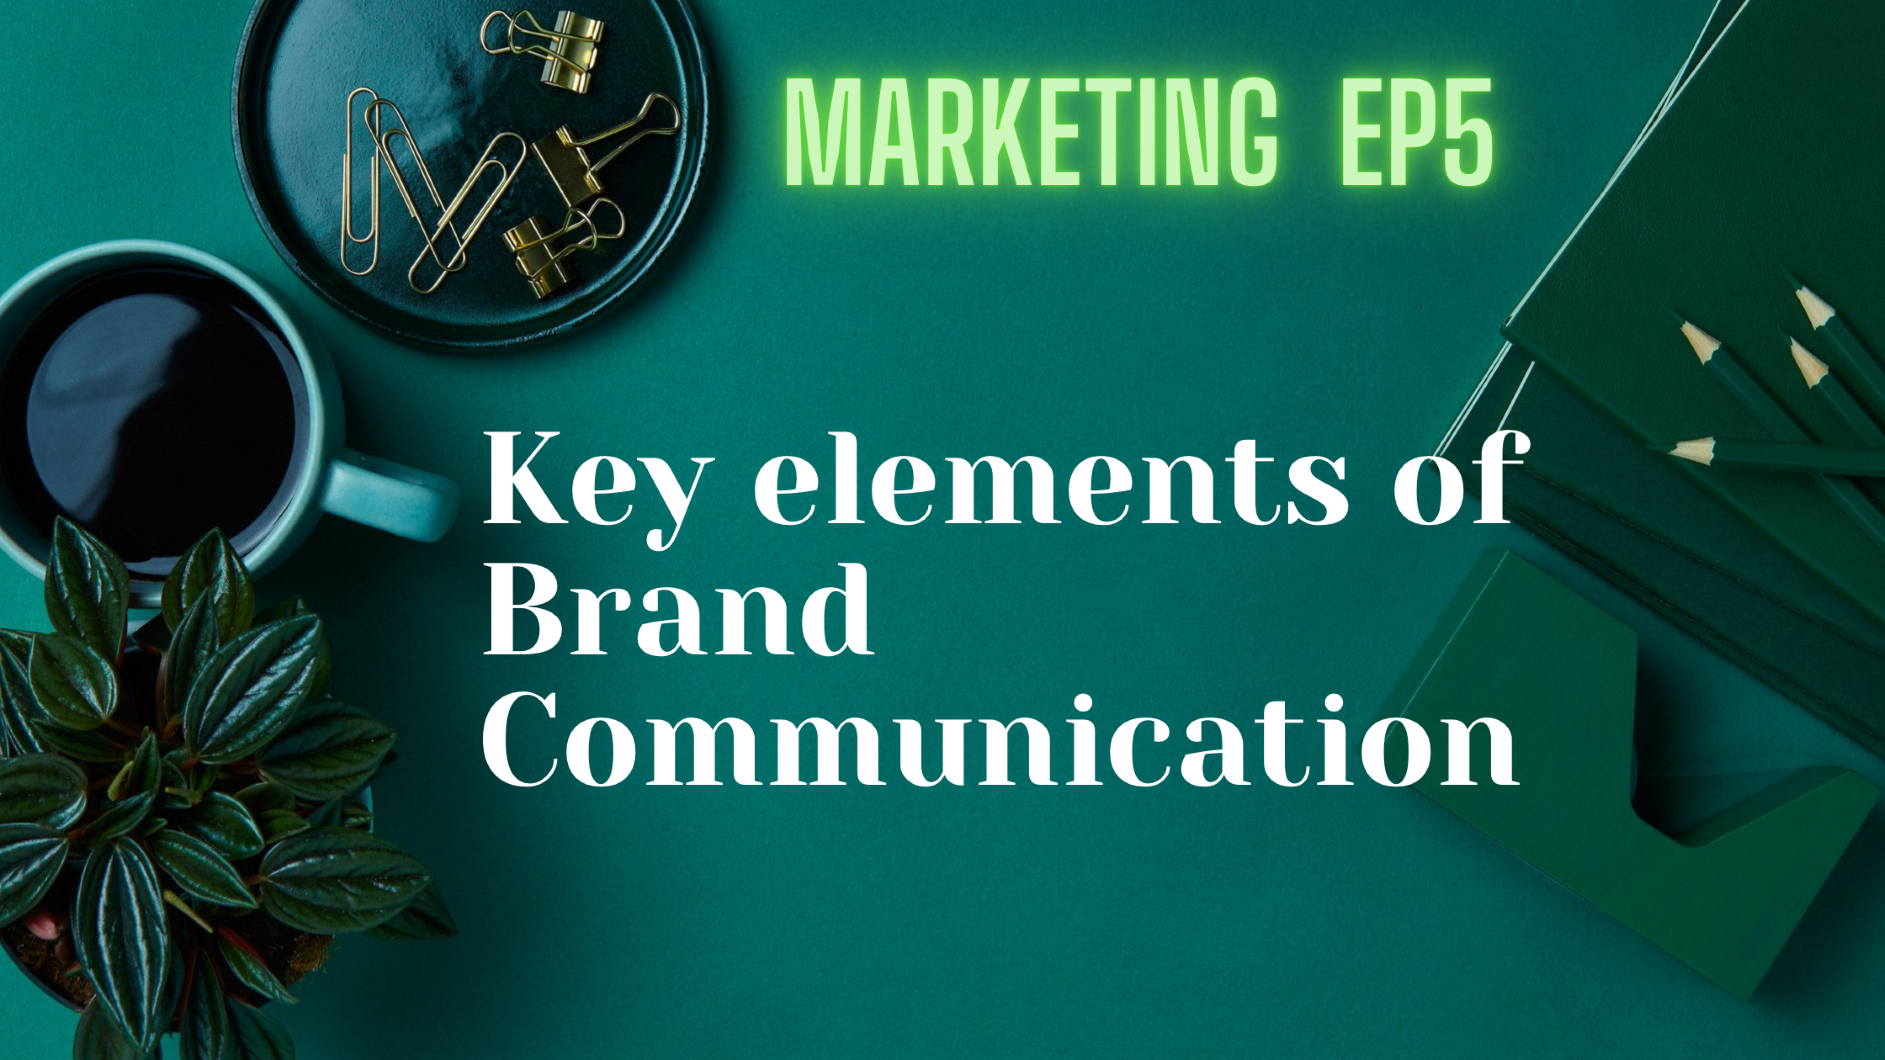 องค์ประกอบของการสื่อสารเพื่อการสร้างตราผลิตภัณฑ์ที่ประสบความสำเร็จ